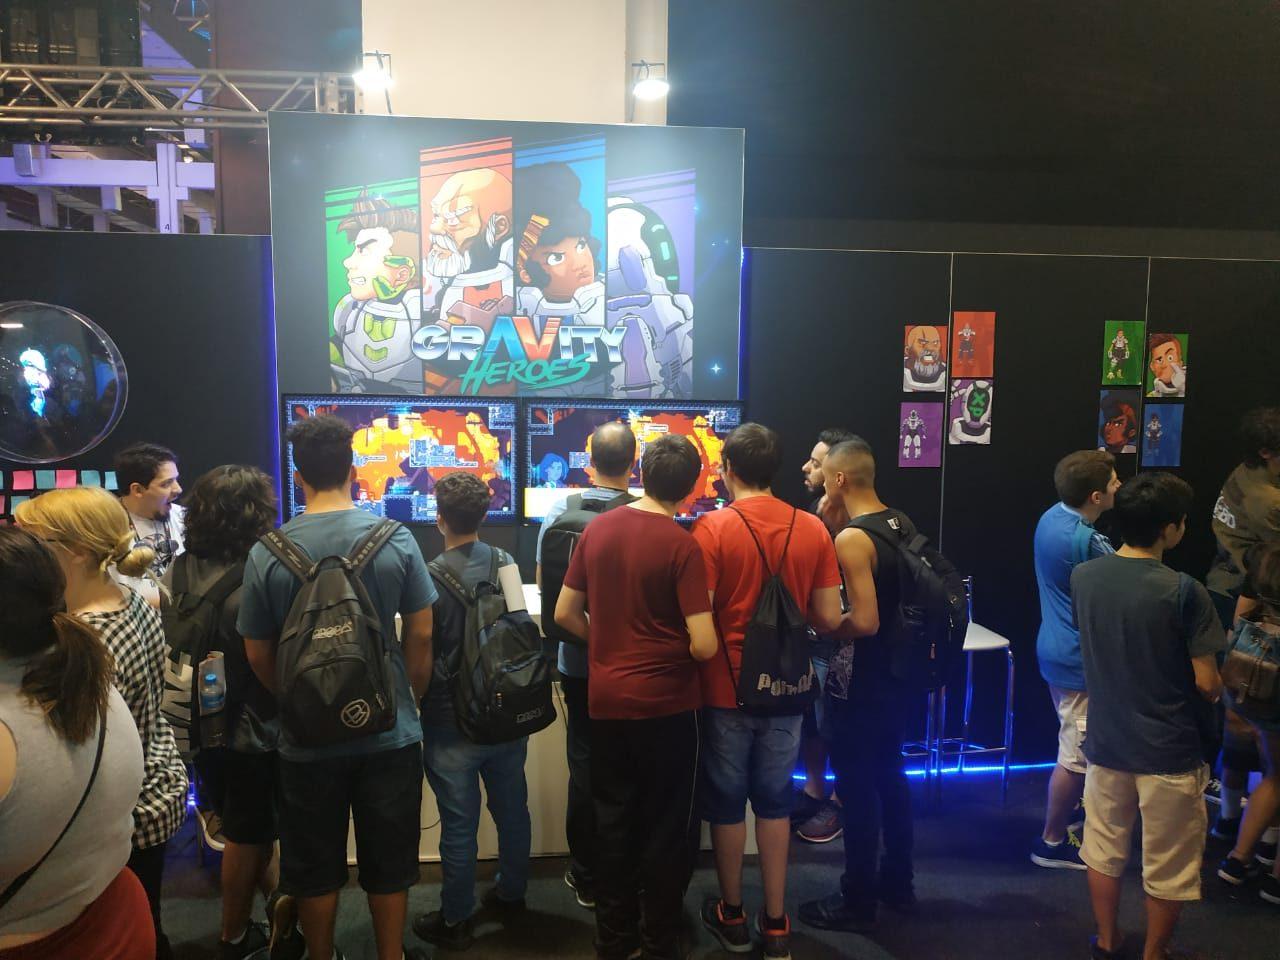 Conversamos com os desenvolvedores de Gravity Heroes na BGS 2019 e temos novas informações 4